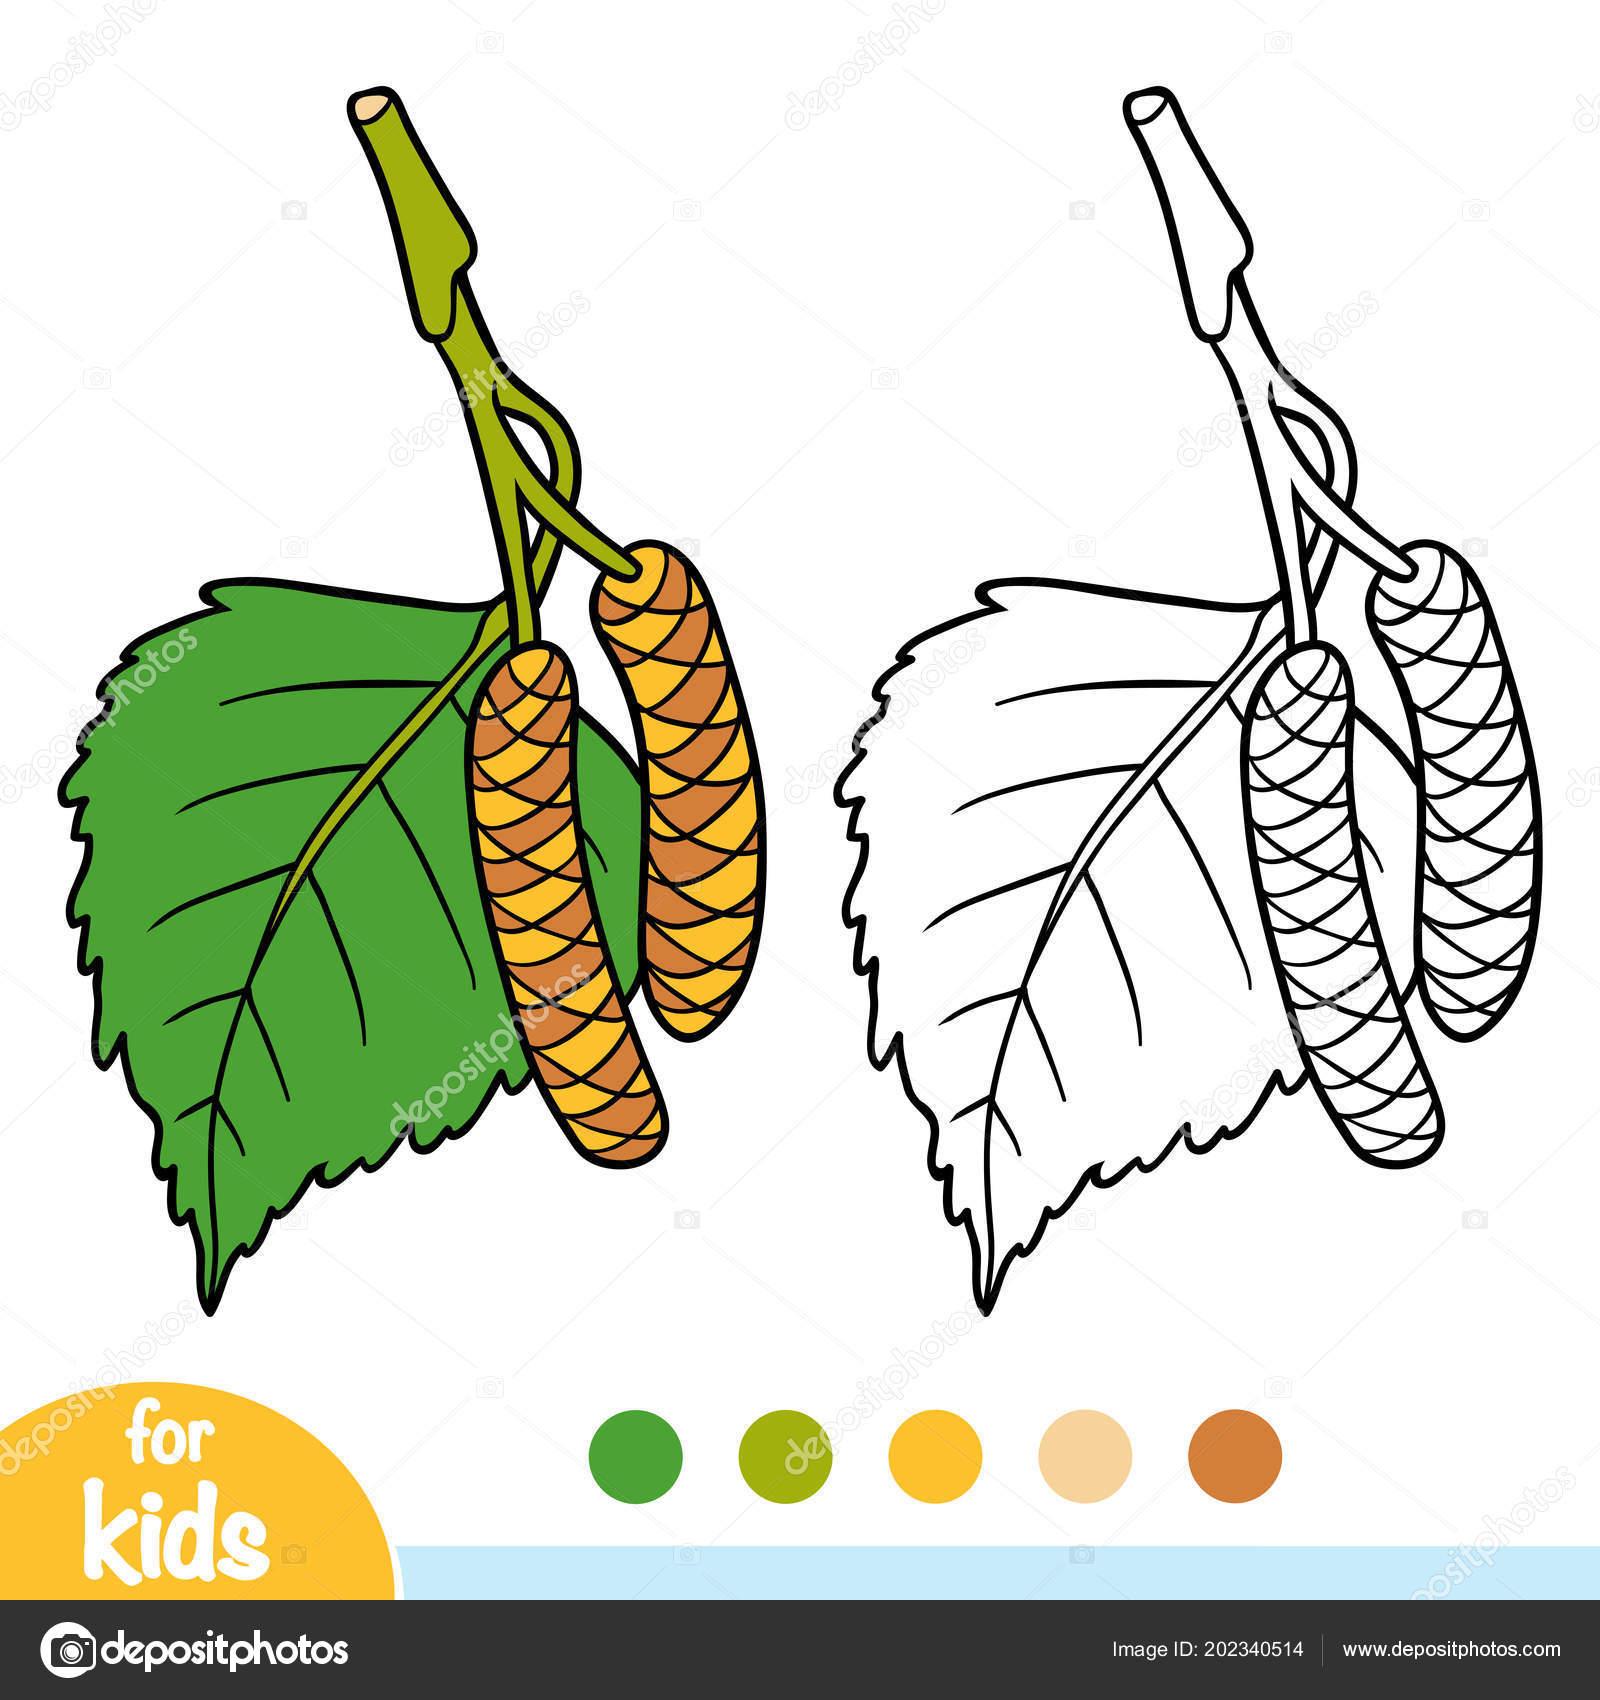 раскраска детей листьев березы векторное изображение